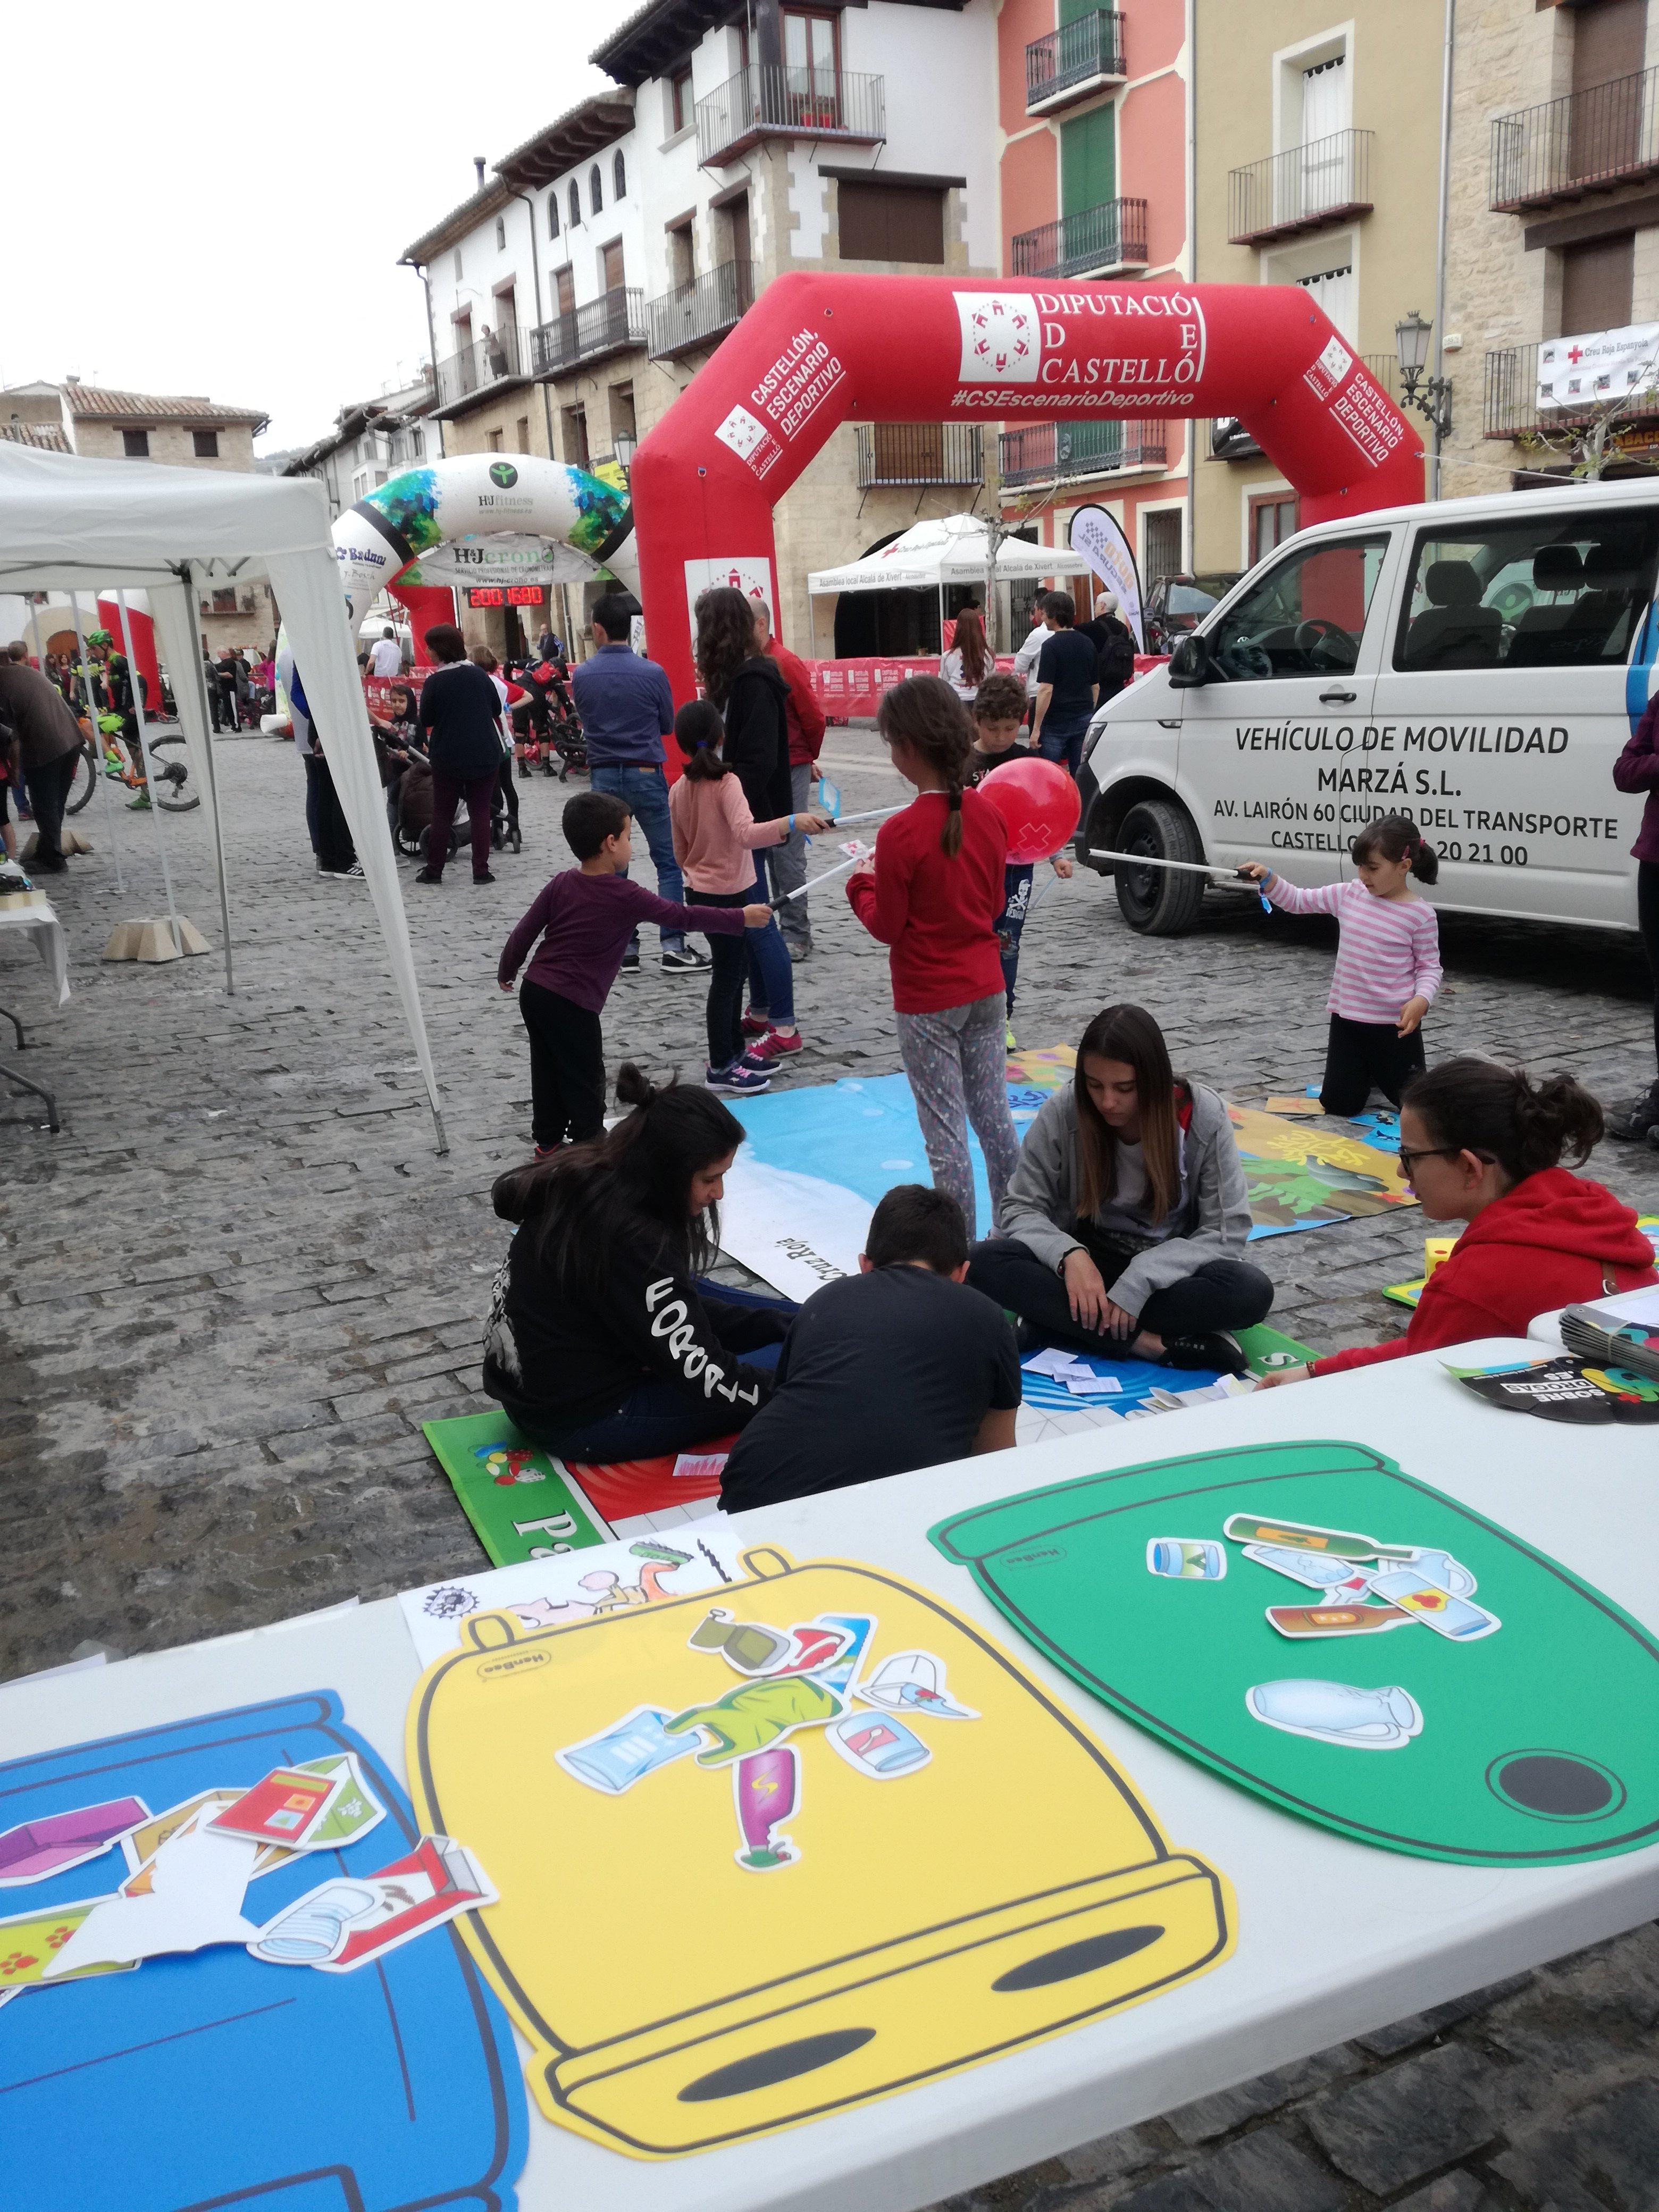 Sant Mateu acollirà demà una jornada multigeneracional per conscienciar que cal revertir la despoblació dels municipis